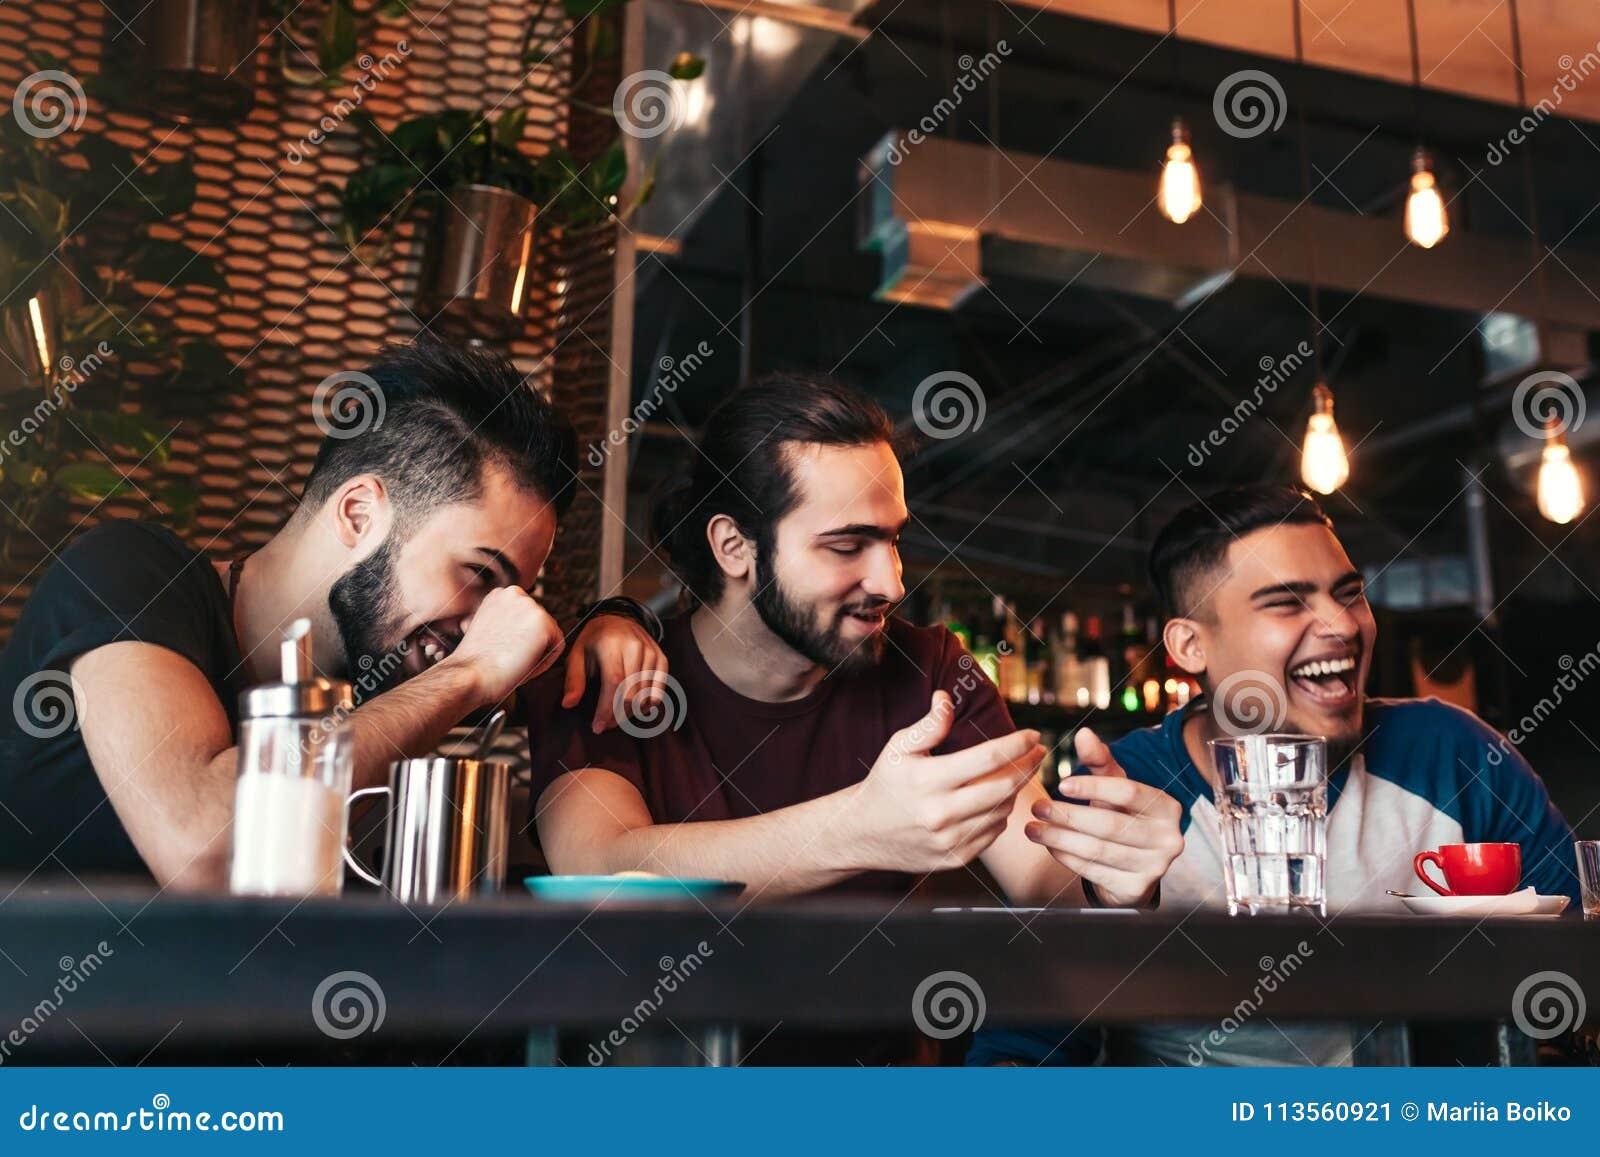 Glückliche arabische junge Männer, die im Dachbodencafé hängen Gruppe Mischrasseleute, die Spaß im Lounge Bar haben